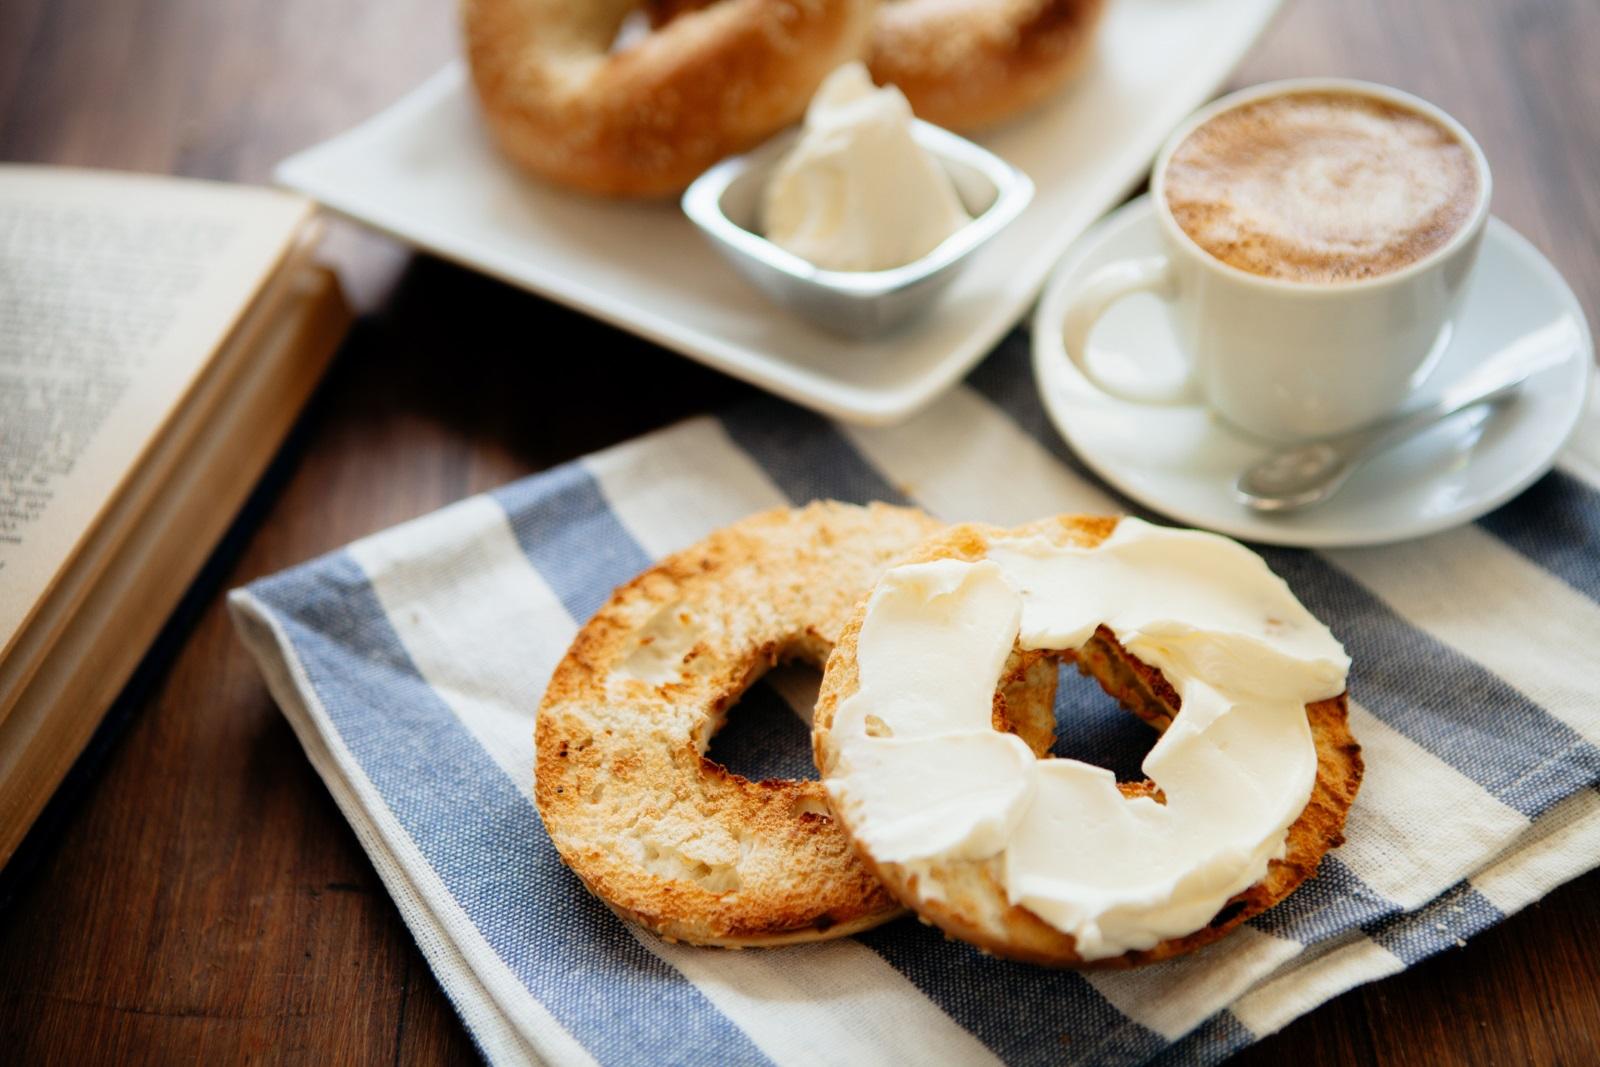 Топъл геврек с масло или крем сирене е любимата закуска на Скорпионите.